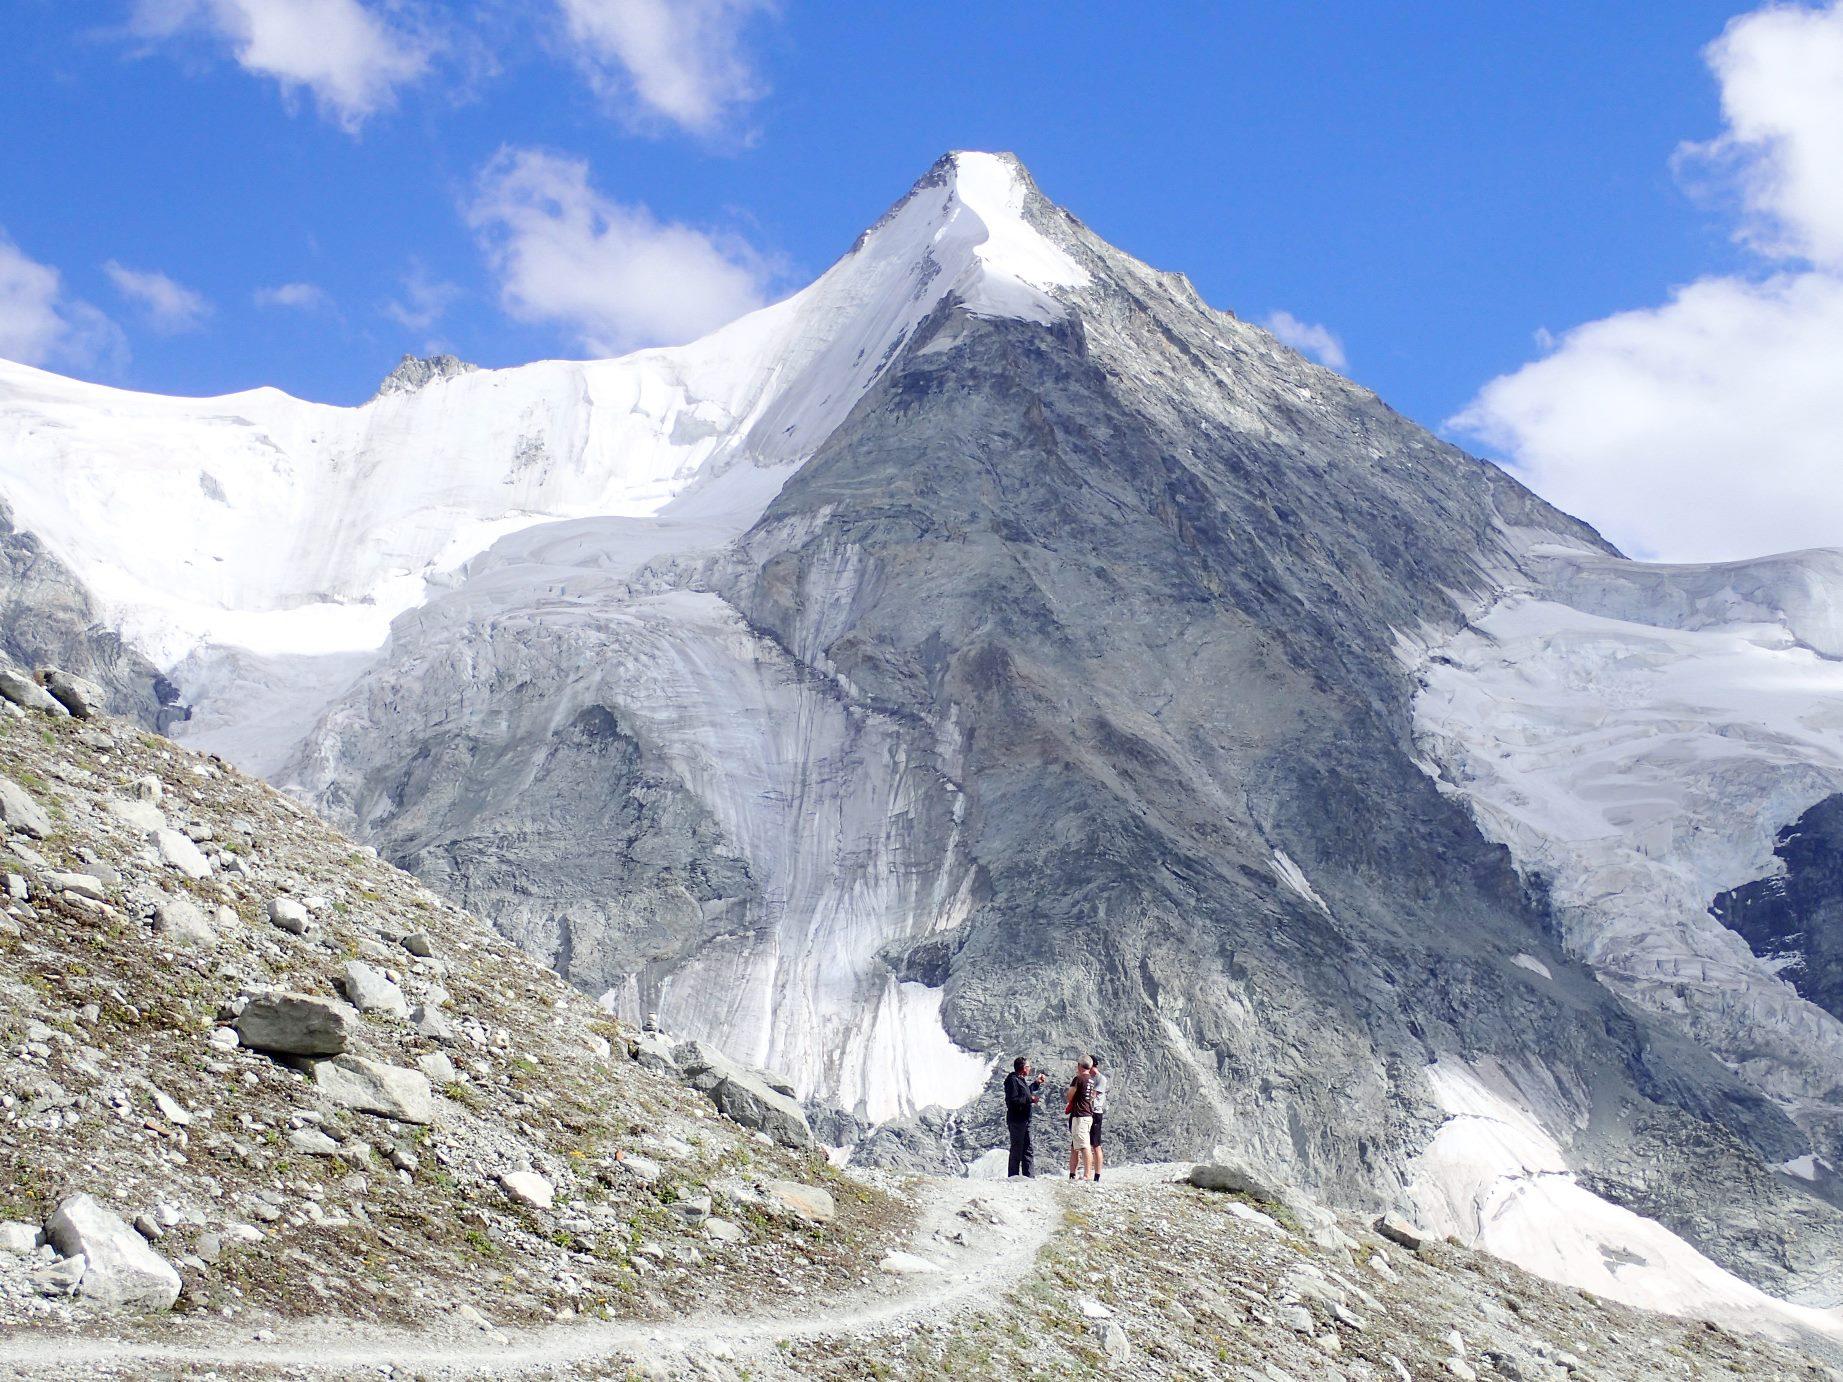 グラン・ムンテ小屋周辺からのオーバーガーベルホルン(4,063m)